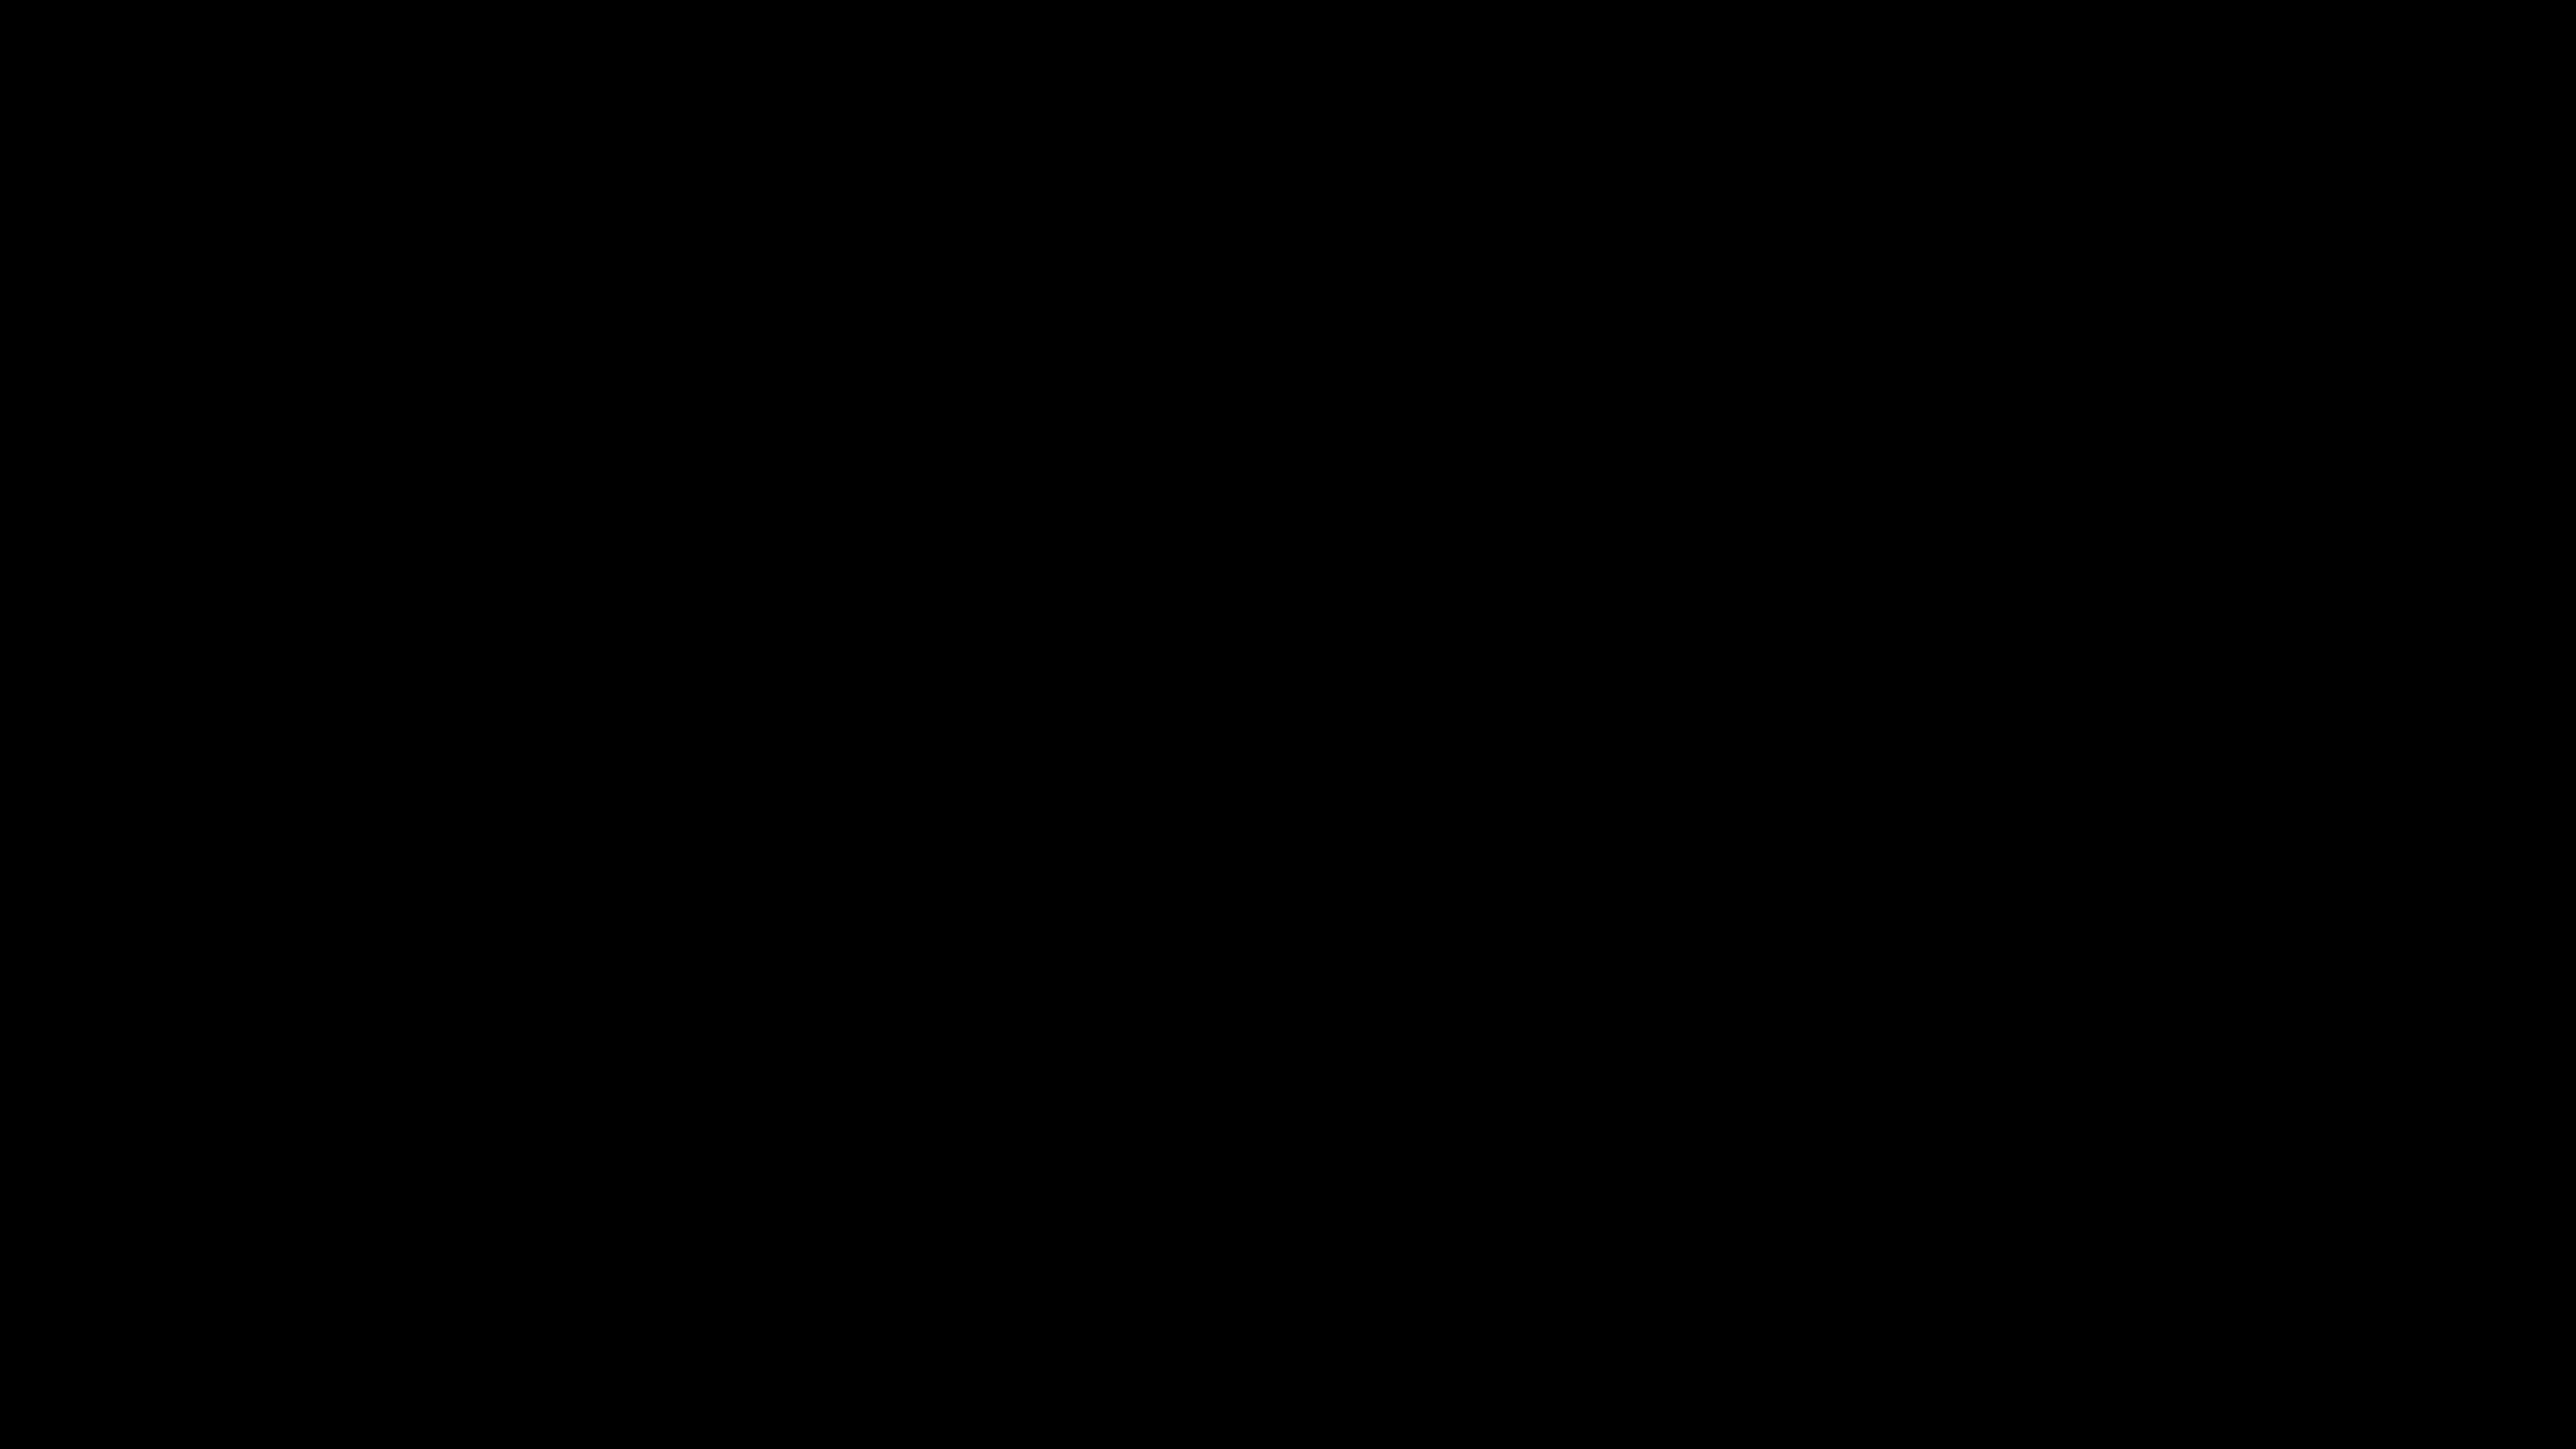 Cookliez_03